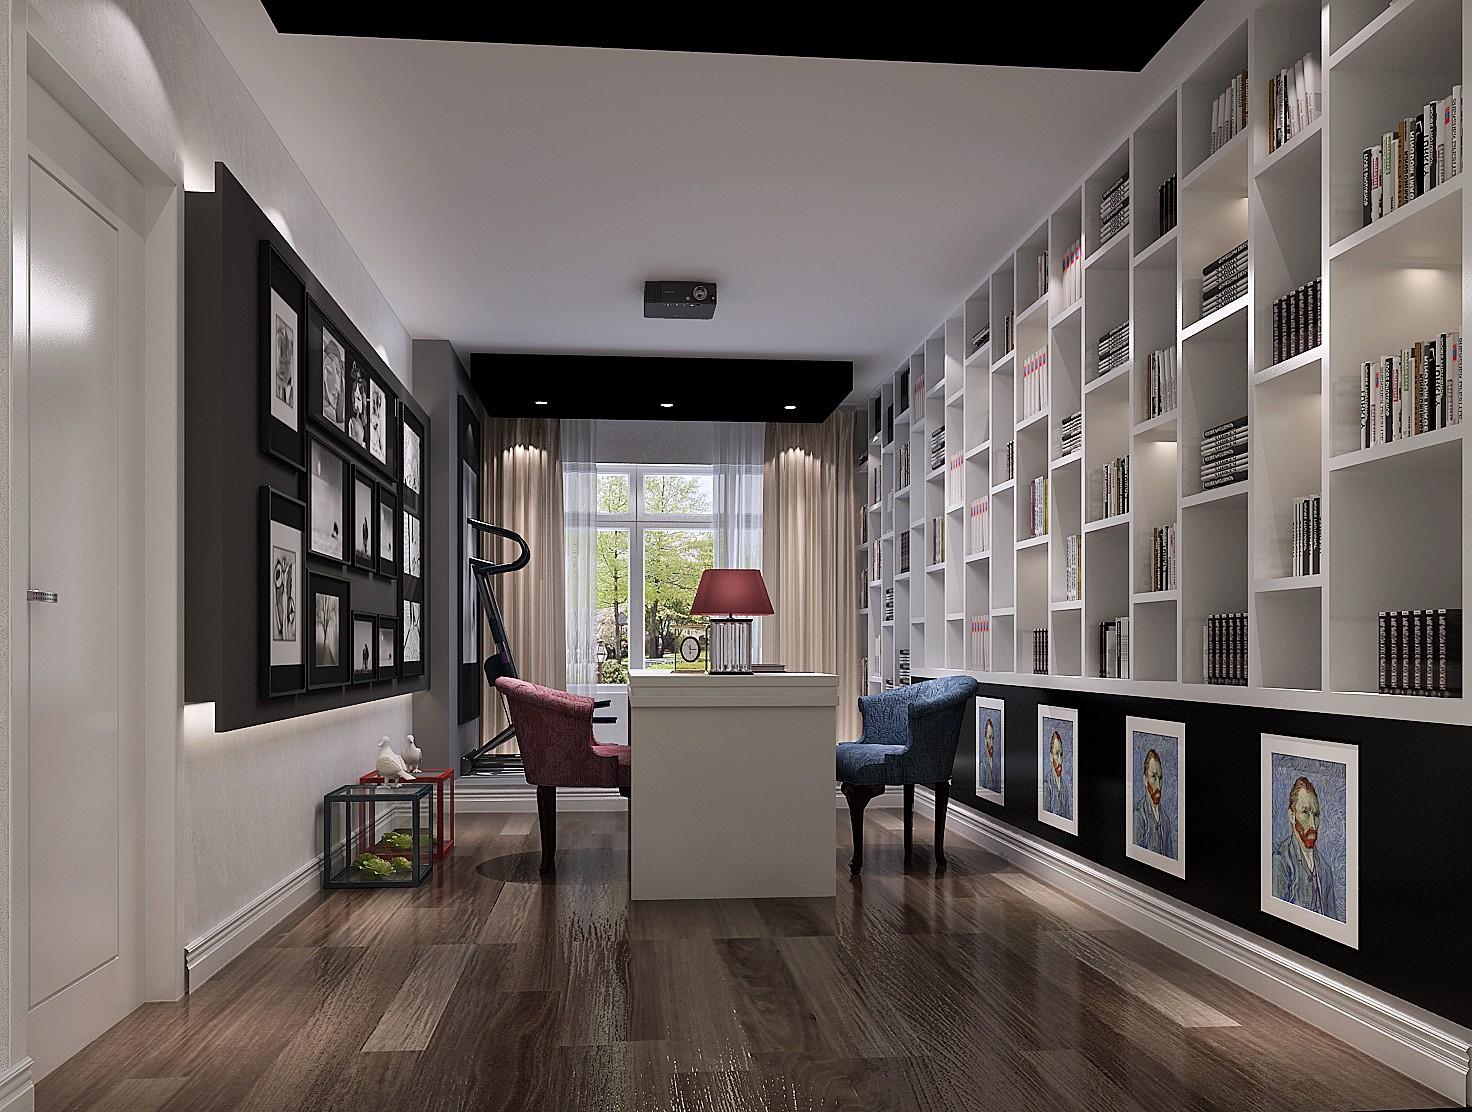 金科王府 高度国际 二居 三居 简约 现代 白领 80后 白富美 书房图片来自北京高度国际装饰设计在金科王府现代简约超凡脱俗的分享